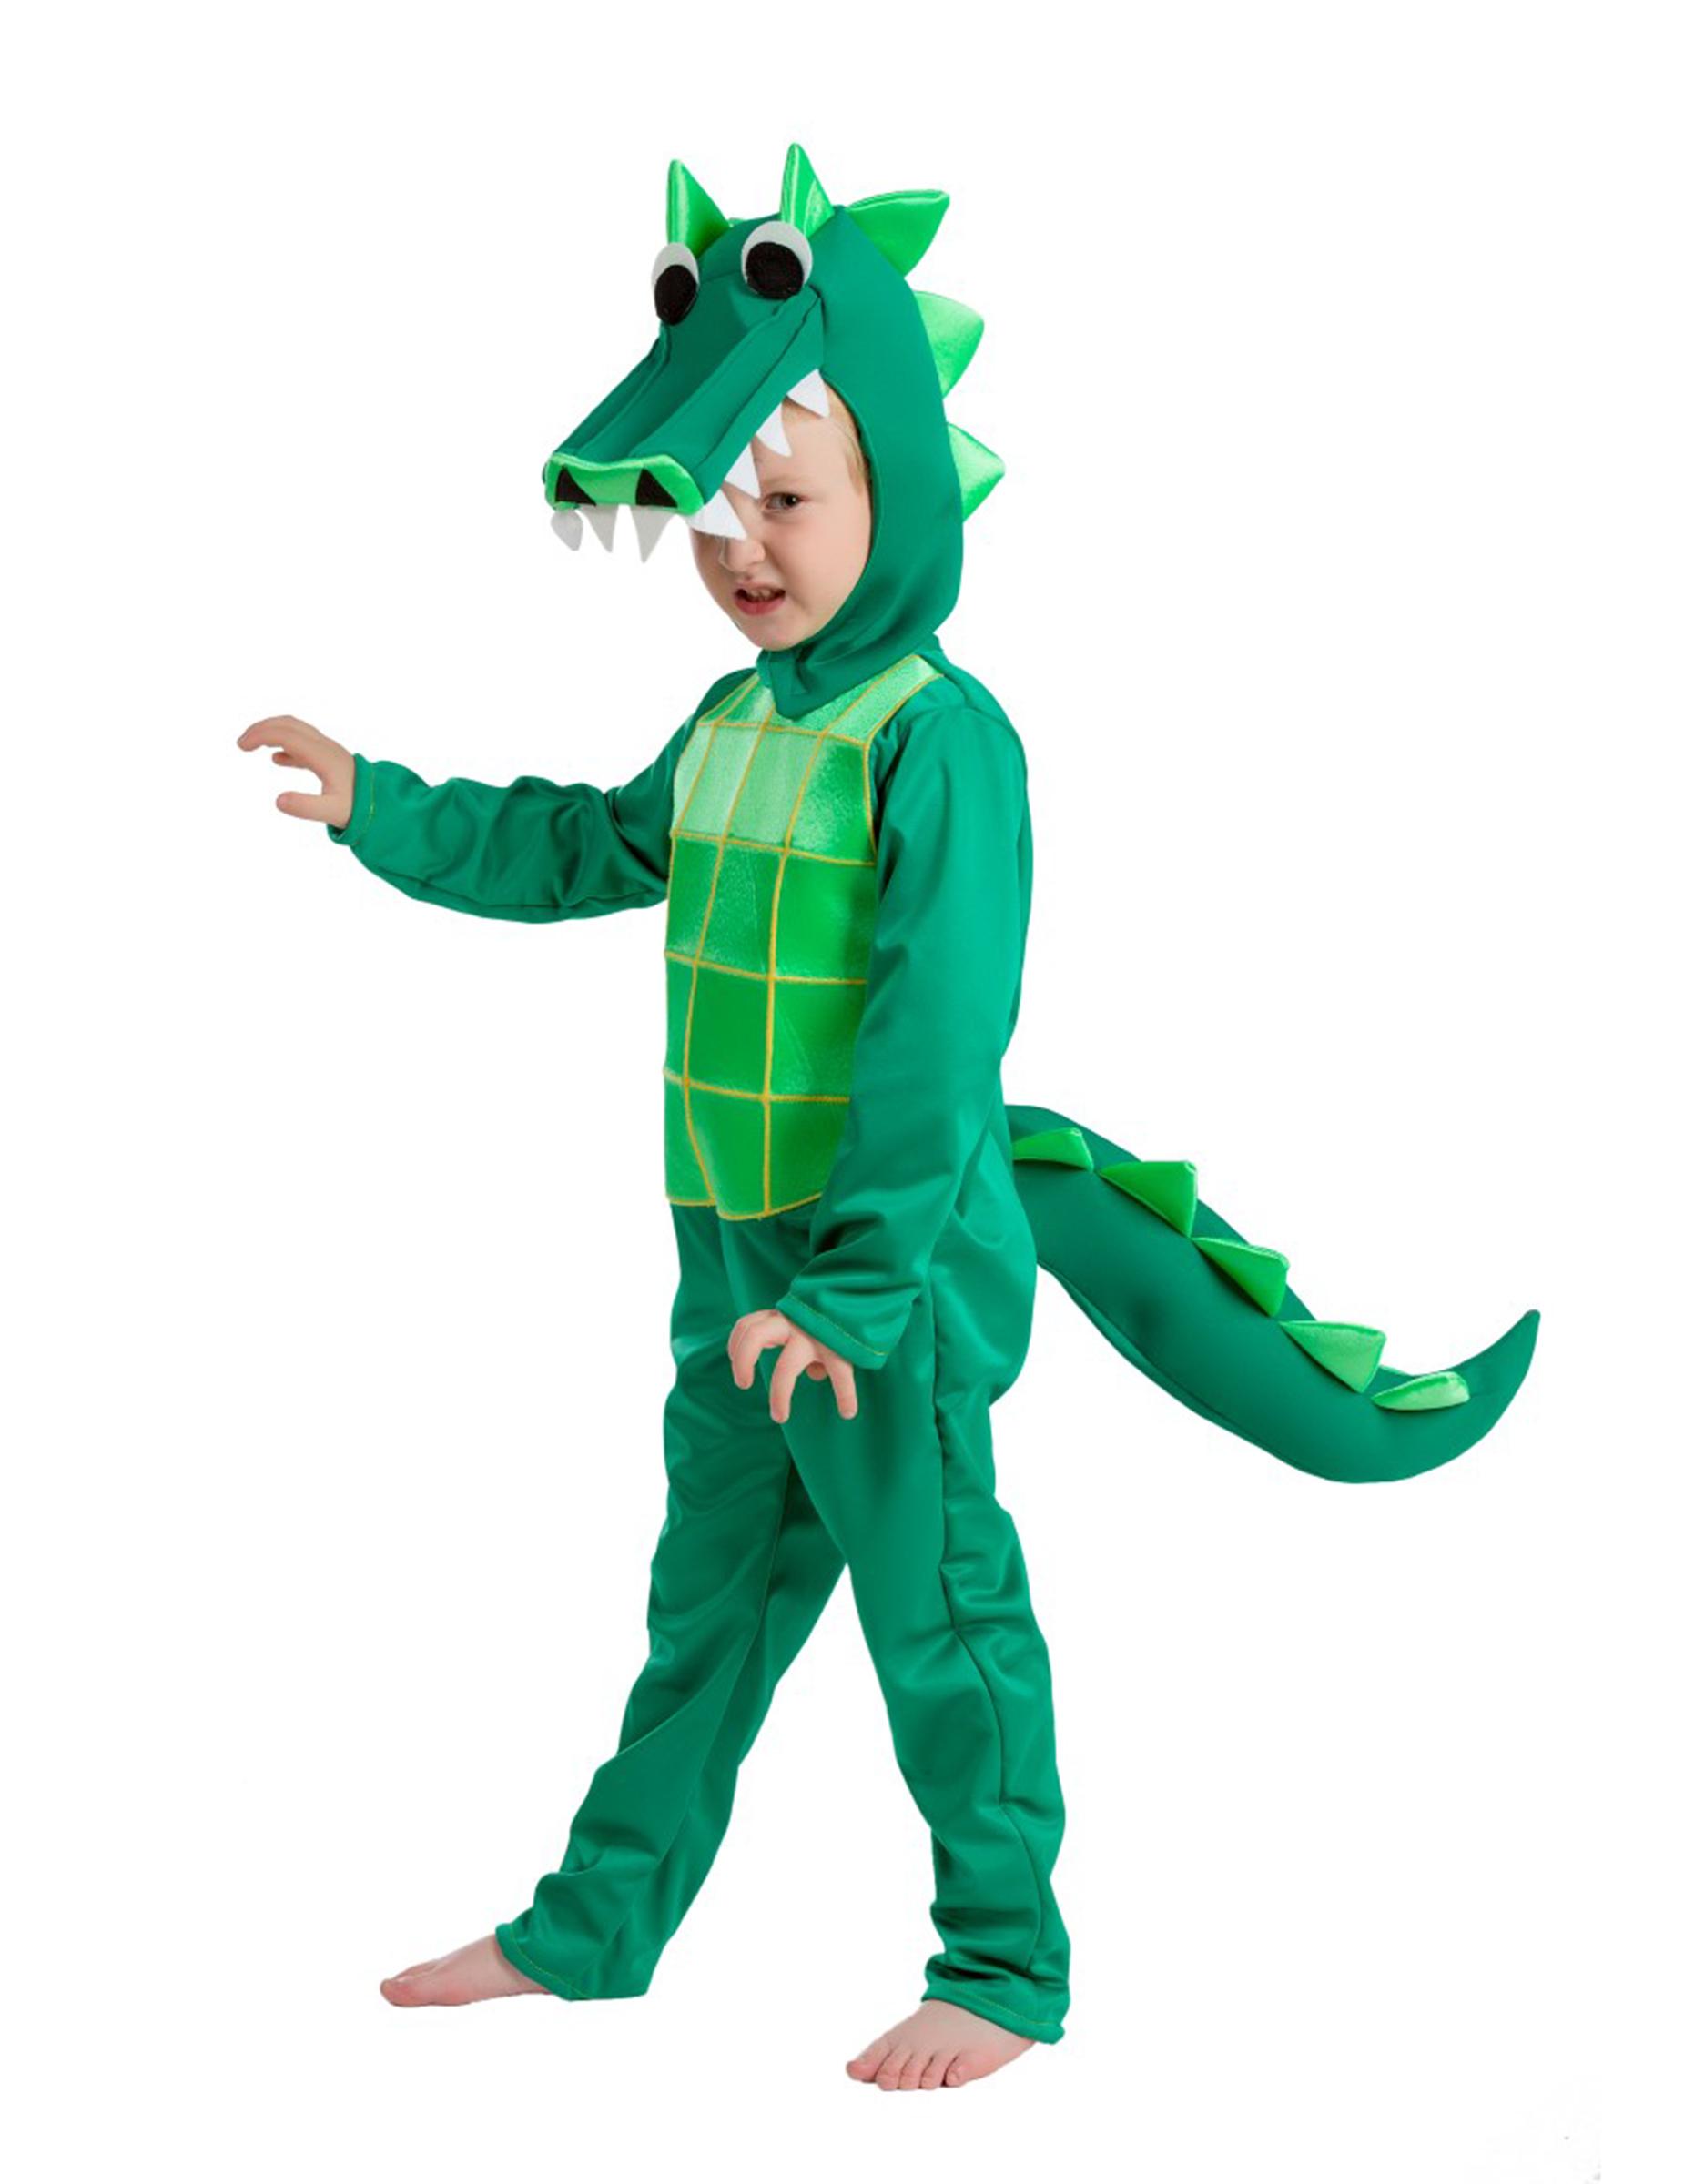 Krokodil Dino Kostüm Krokodilkostüm Kinder